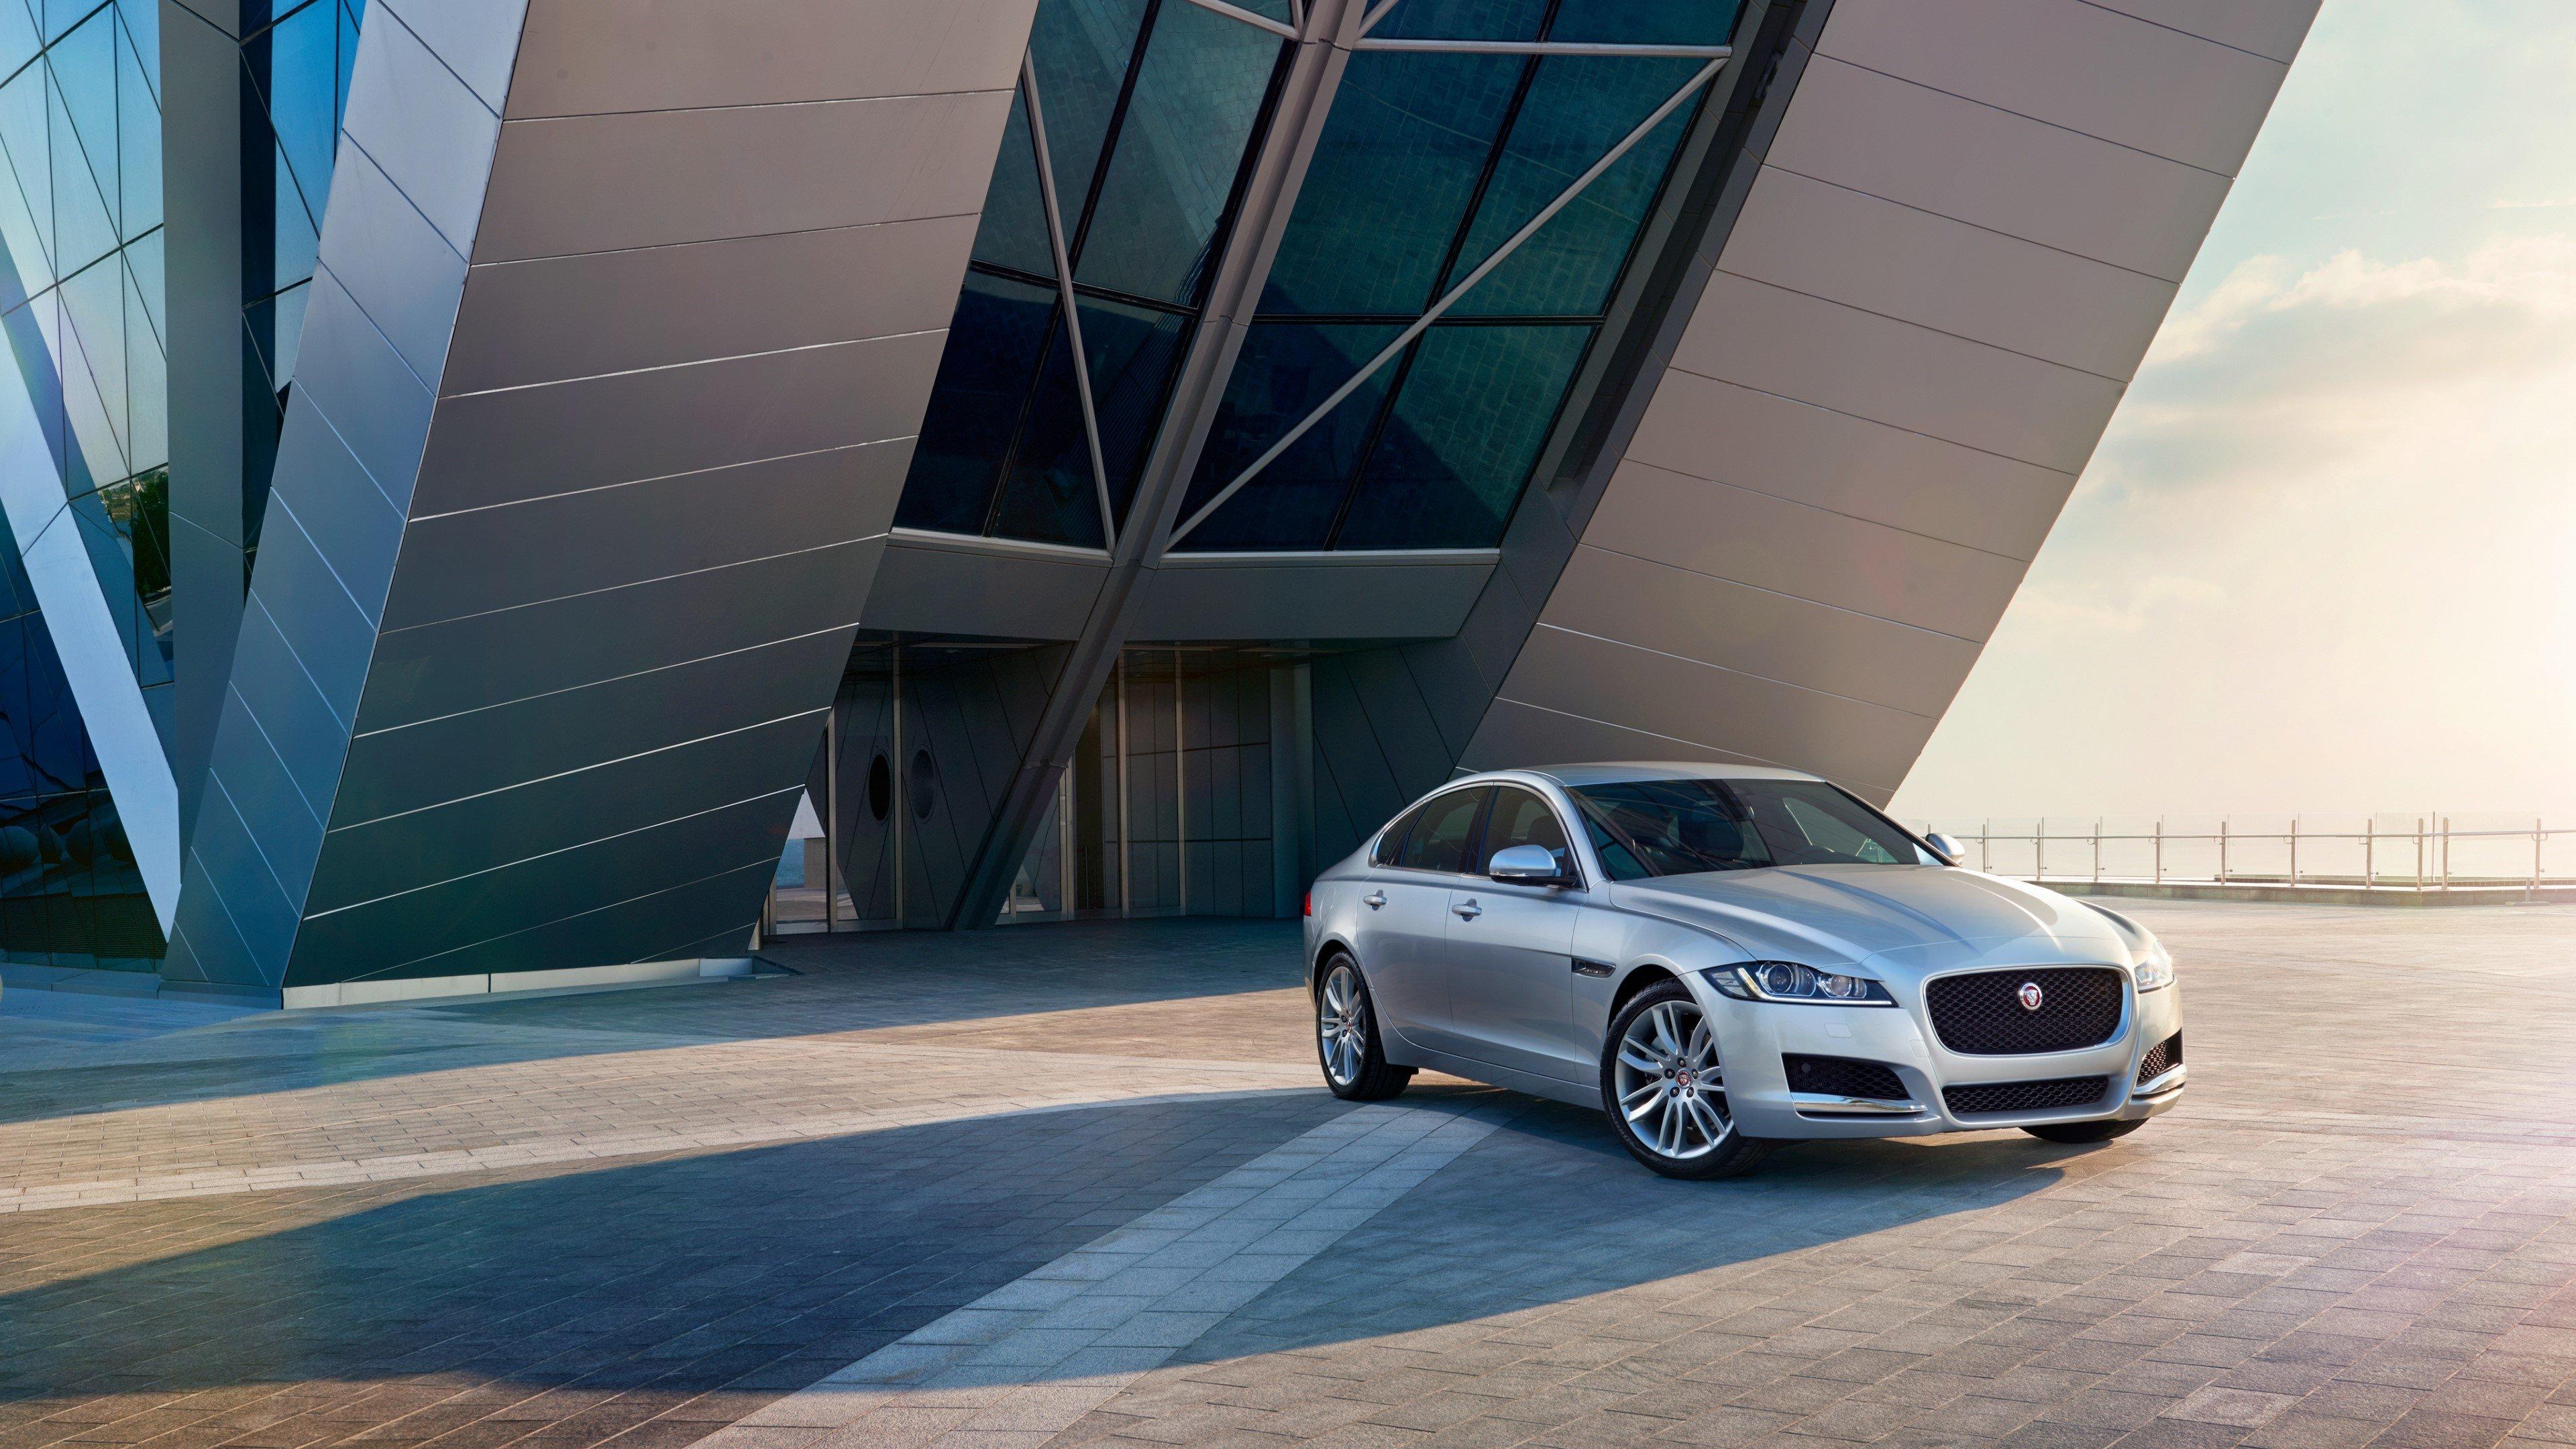 Jaguar Xf Prestige Gray Wallpaper 4k Ultra Hd Id 2375